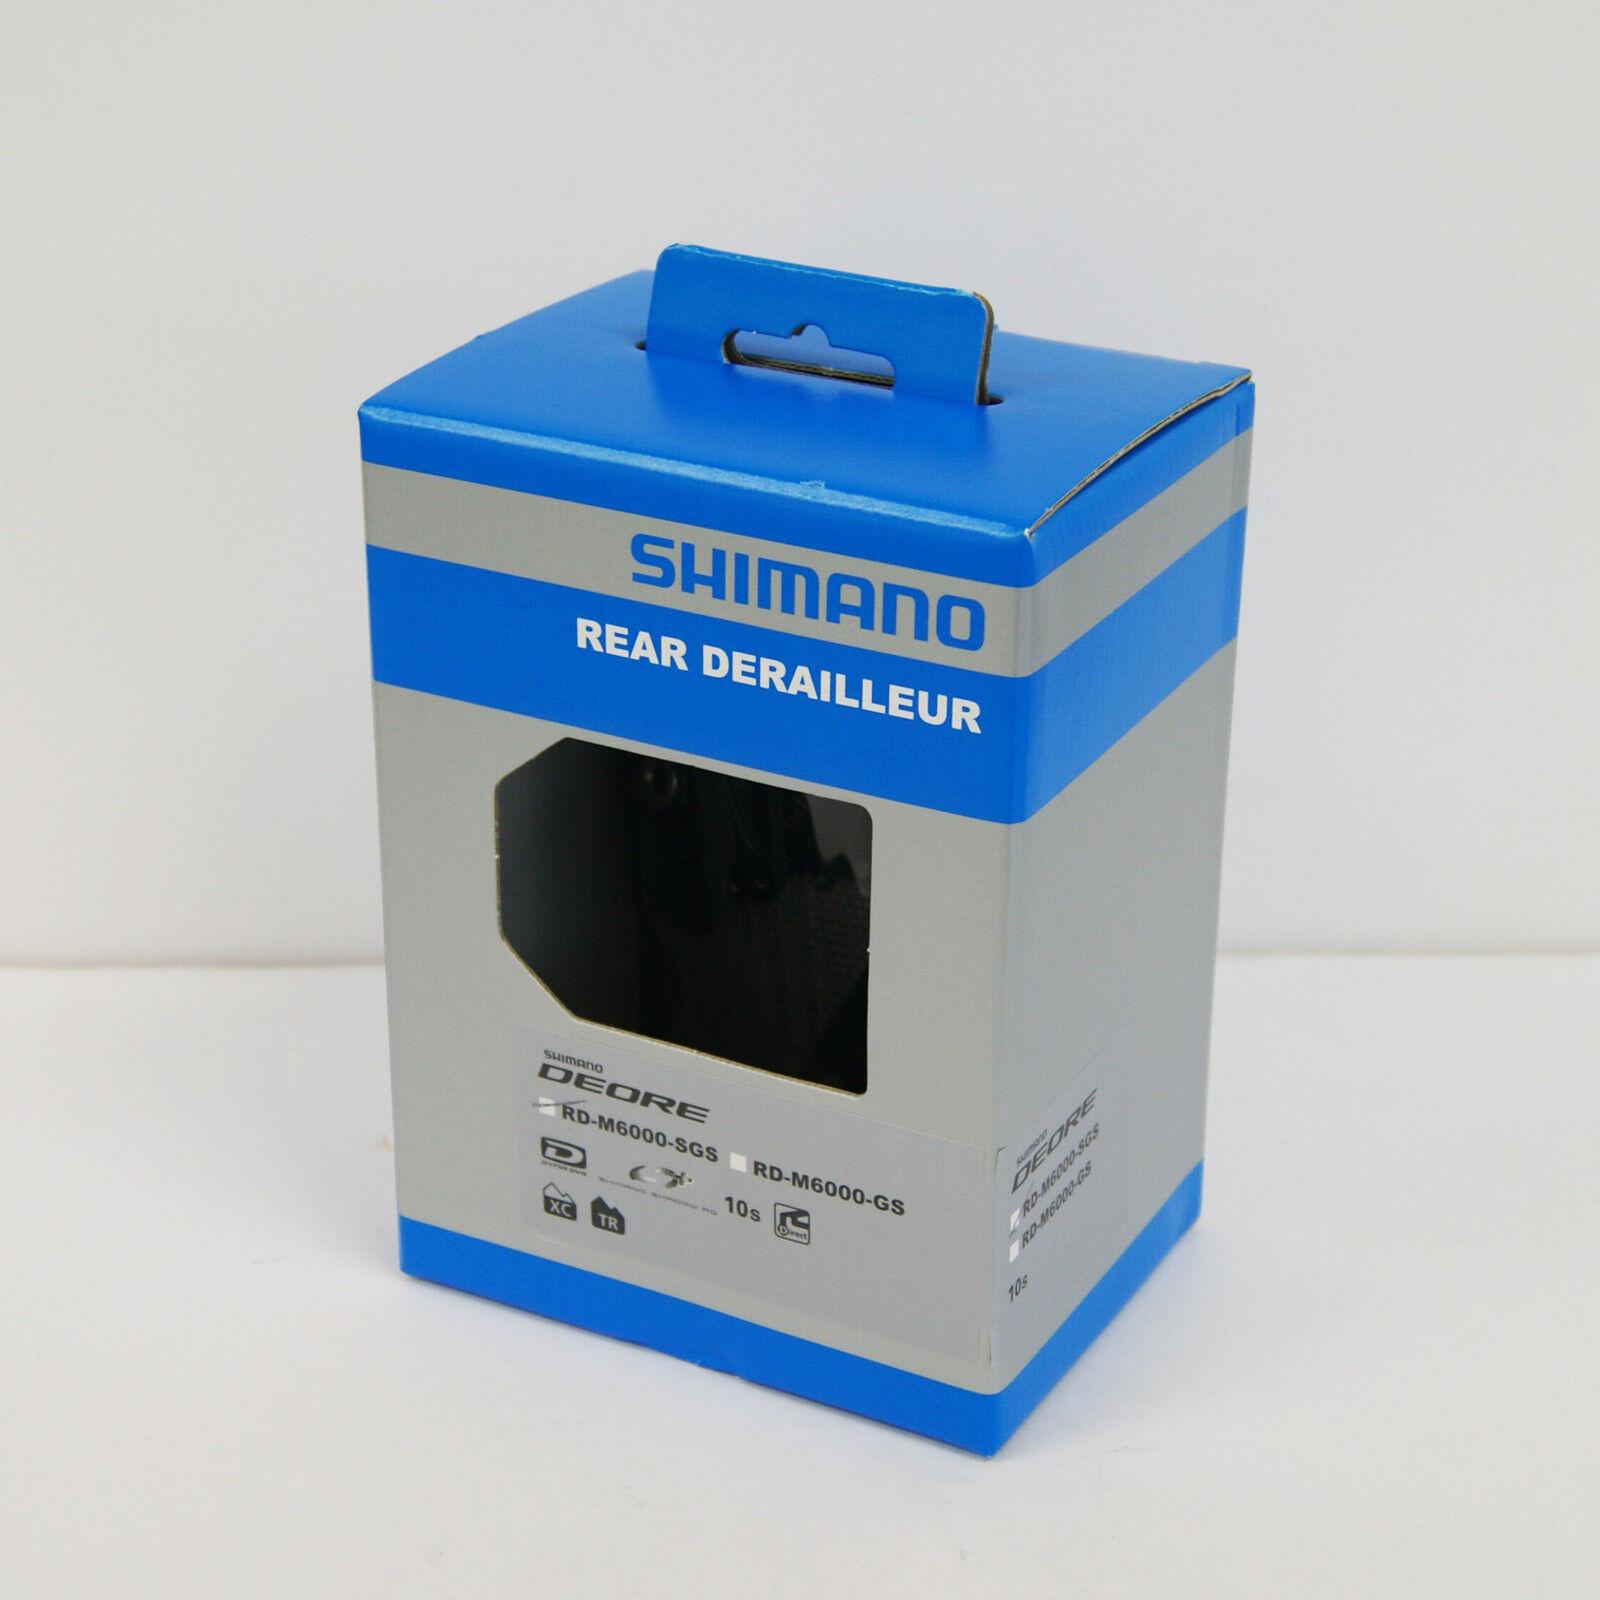 Shimano Deore rd-m6000-sgs Shadow RD + Deragliatore 10-SPEED irdm 6000sgs